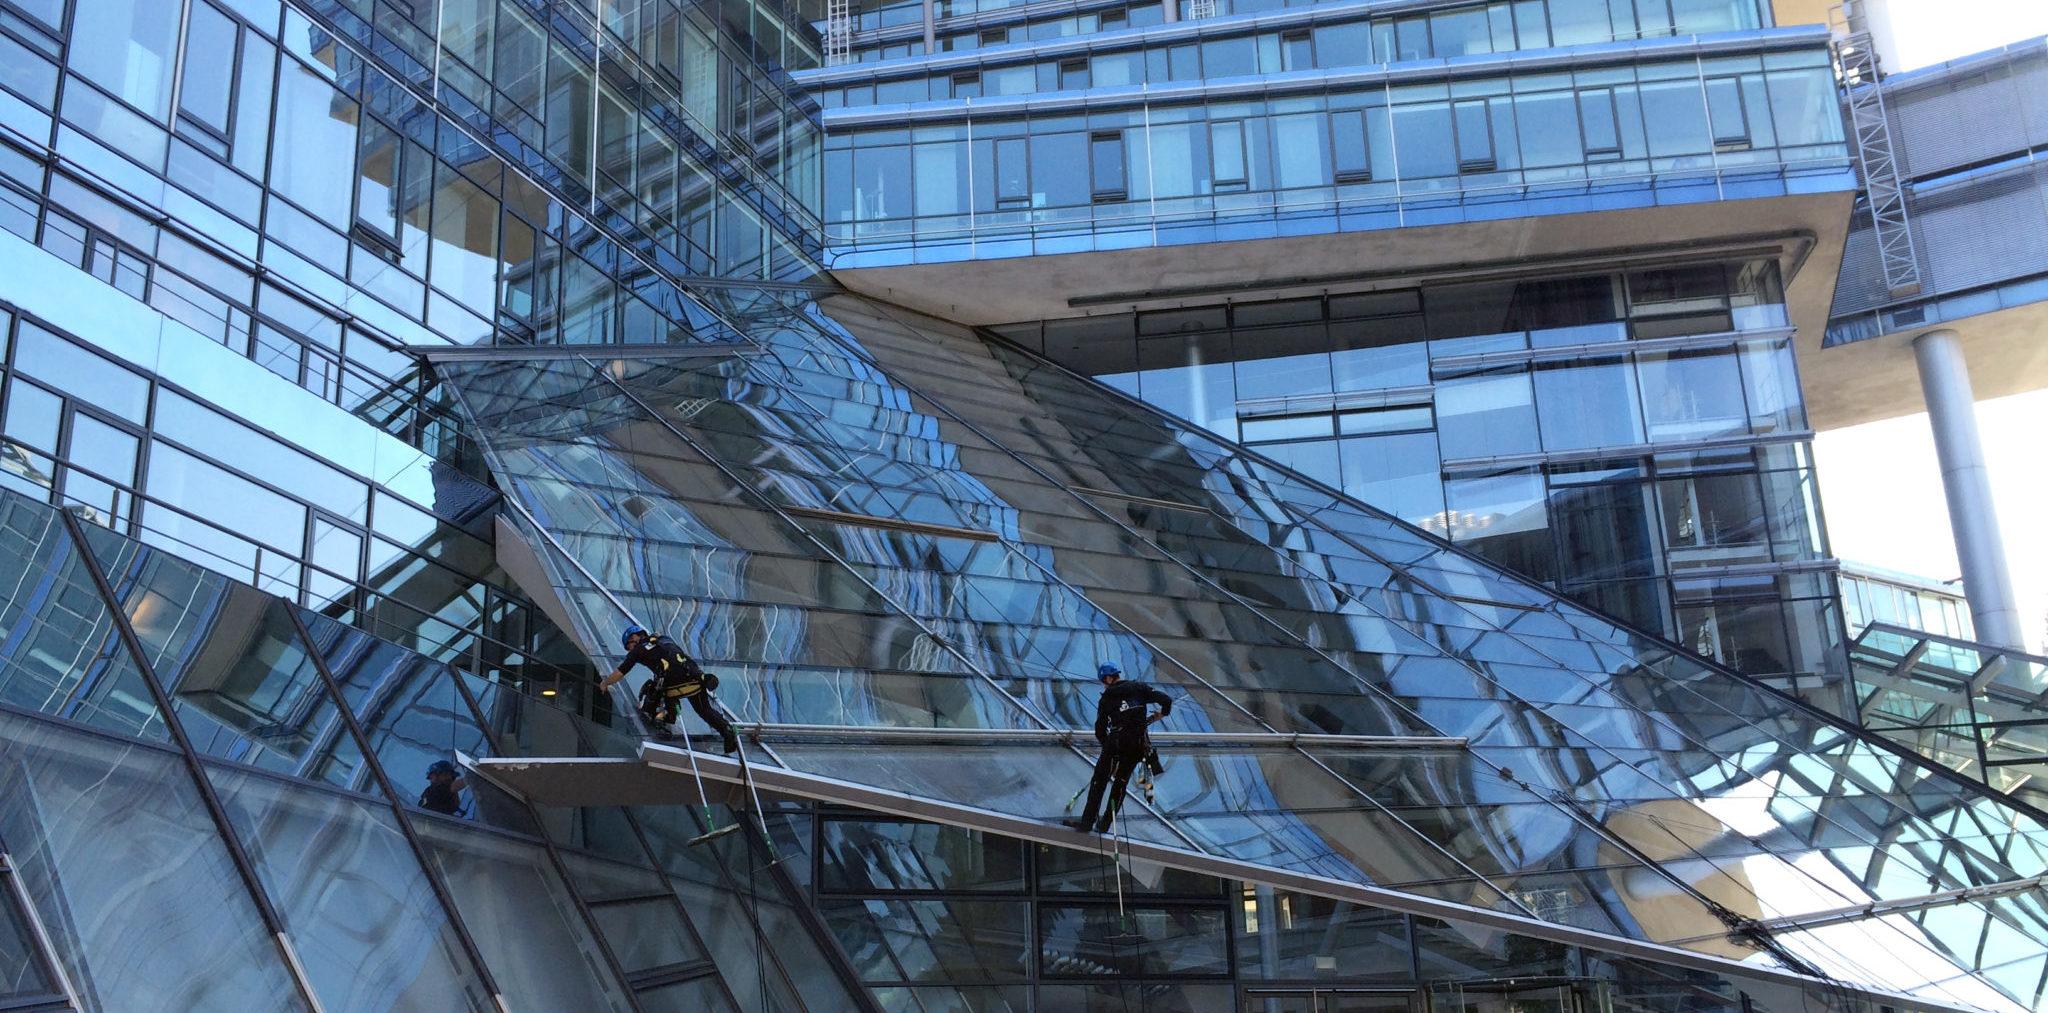 Glasreinigung: mittels reduntantem Seilsystem arbeiten sich die GEARS-Spezialisten von Glasfläche zu Glasfläche.